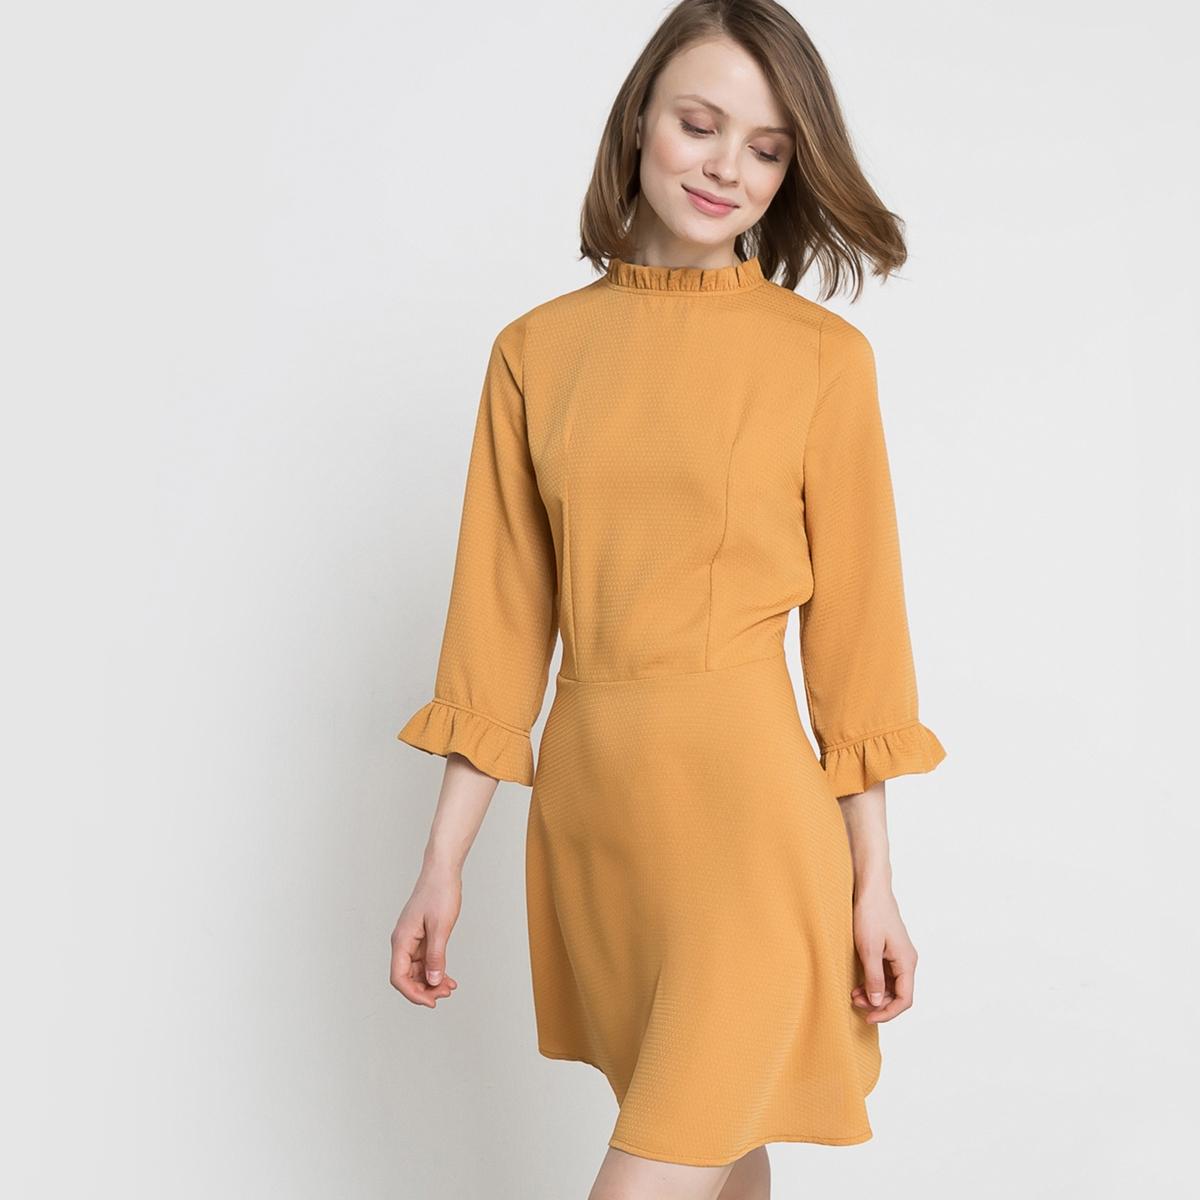 Платье с гофрированным эффектомПлатье с гофрированным эффектом. Небольшой викторианский воротник  . Рукава 3/4 с воланом снизу. Отрезное по талии. Вырез-капелька с застежкой на пуговицу сзади.Состав и описание : Материал: 100% полиэстераДлина 90 смМарка: Mademoiselle R. Уход :Машинная стирка при 30 °C с вещами схожих цветов.Стирка и глажка с изнаночной стороны..Машинная сушка на умеренном режиме..Гладить на низкой температуре..<br><br>Цвет: охра<br>Размер: 42 (FR) - 48 (RUS)